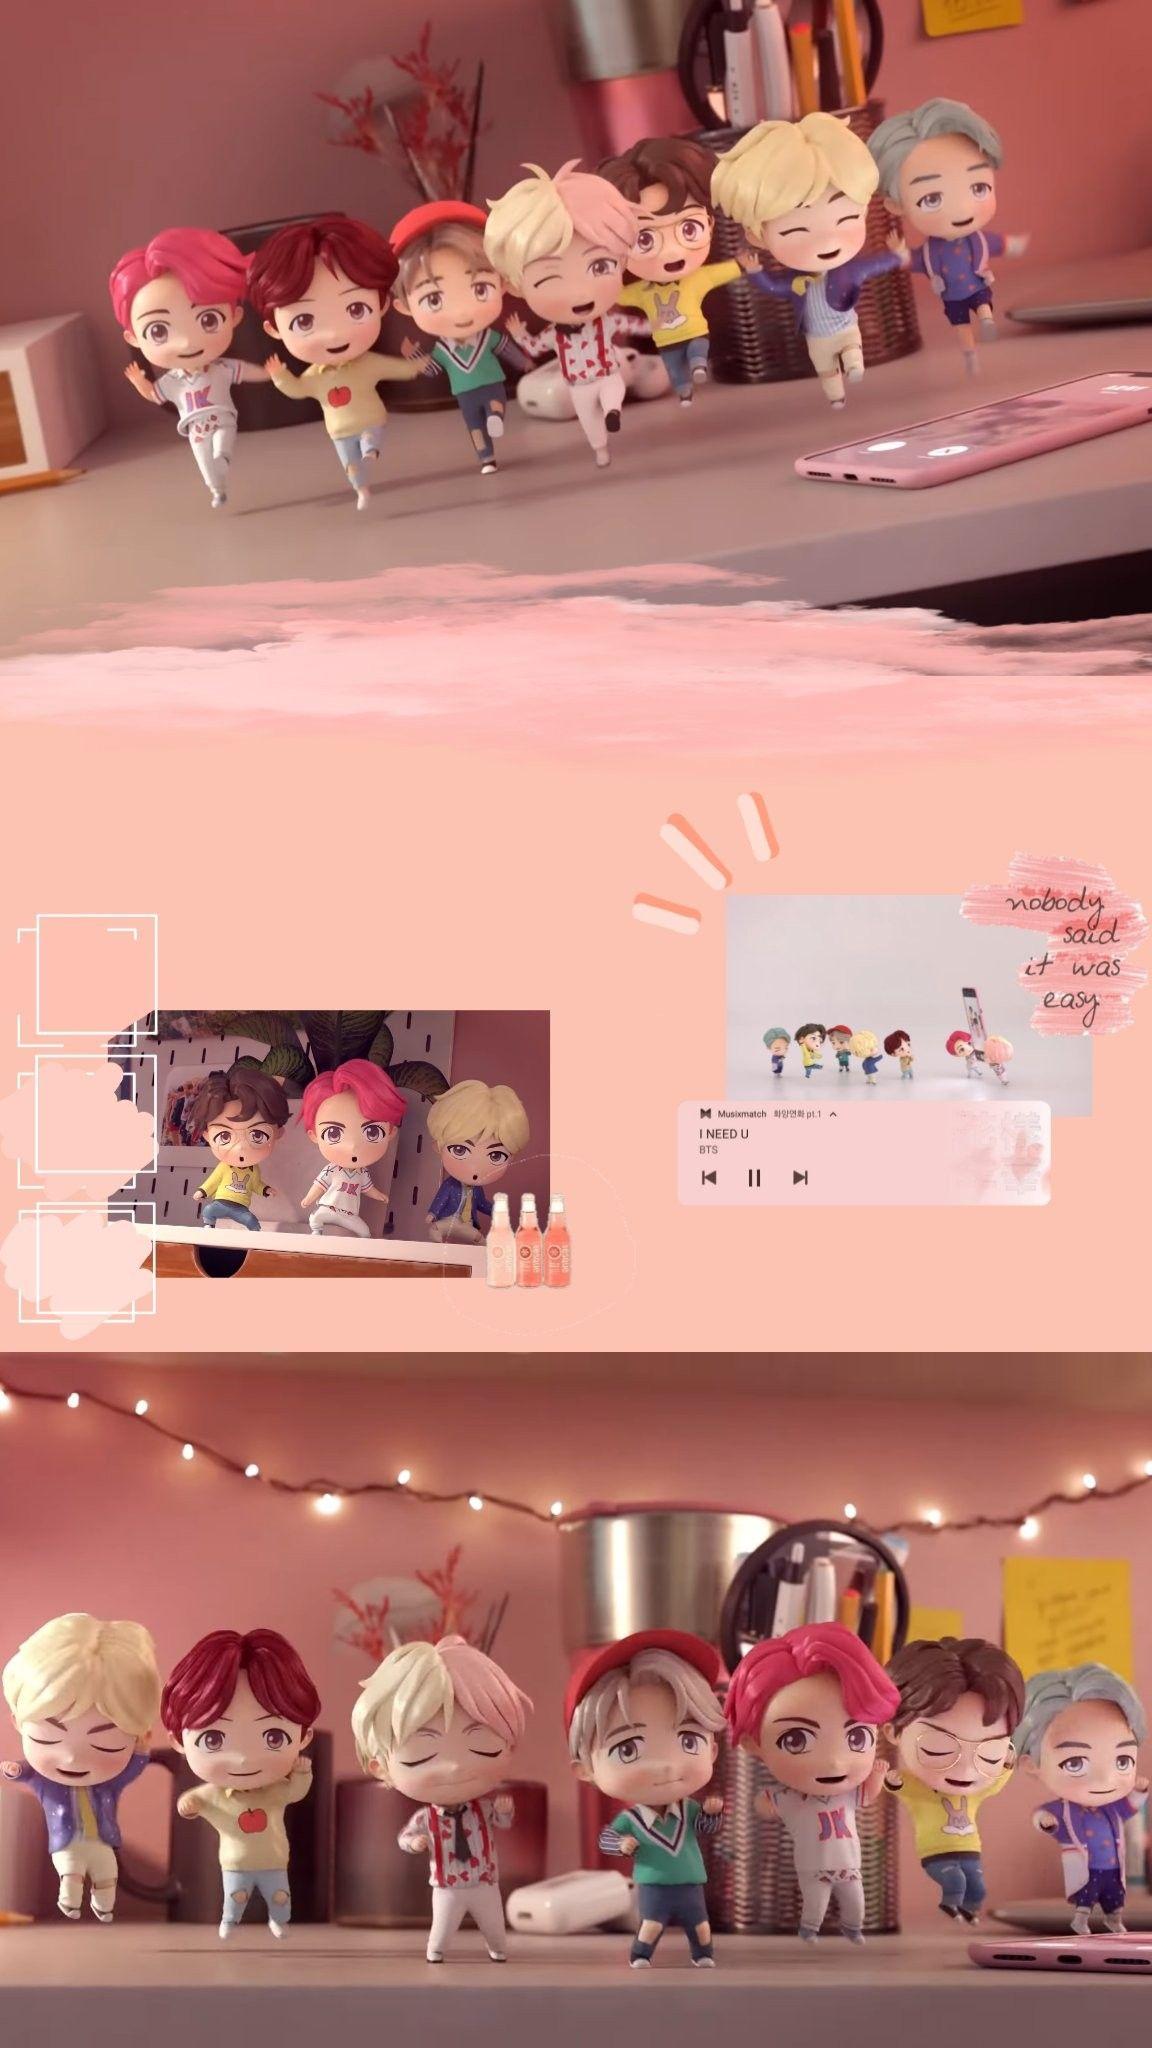 Chibitan Sonyeondan Kartun Wallpaper Ponsel Animasi